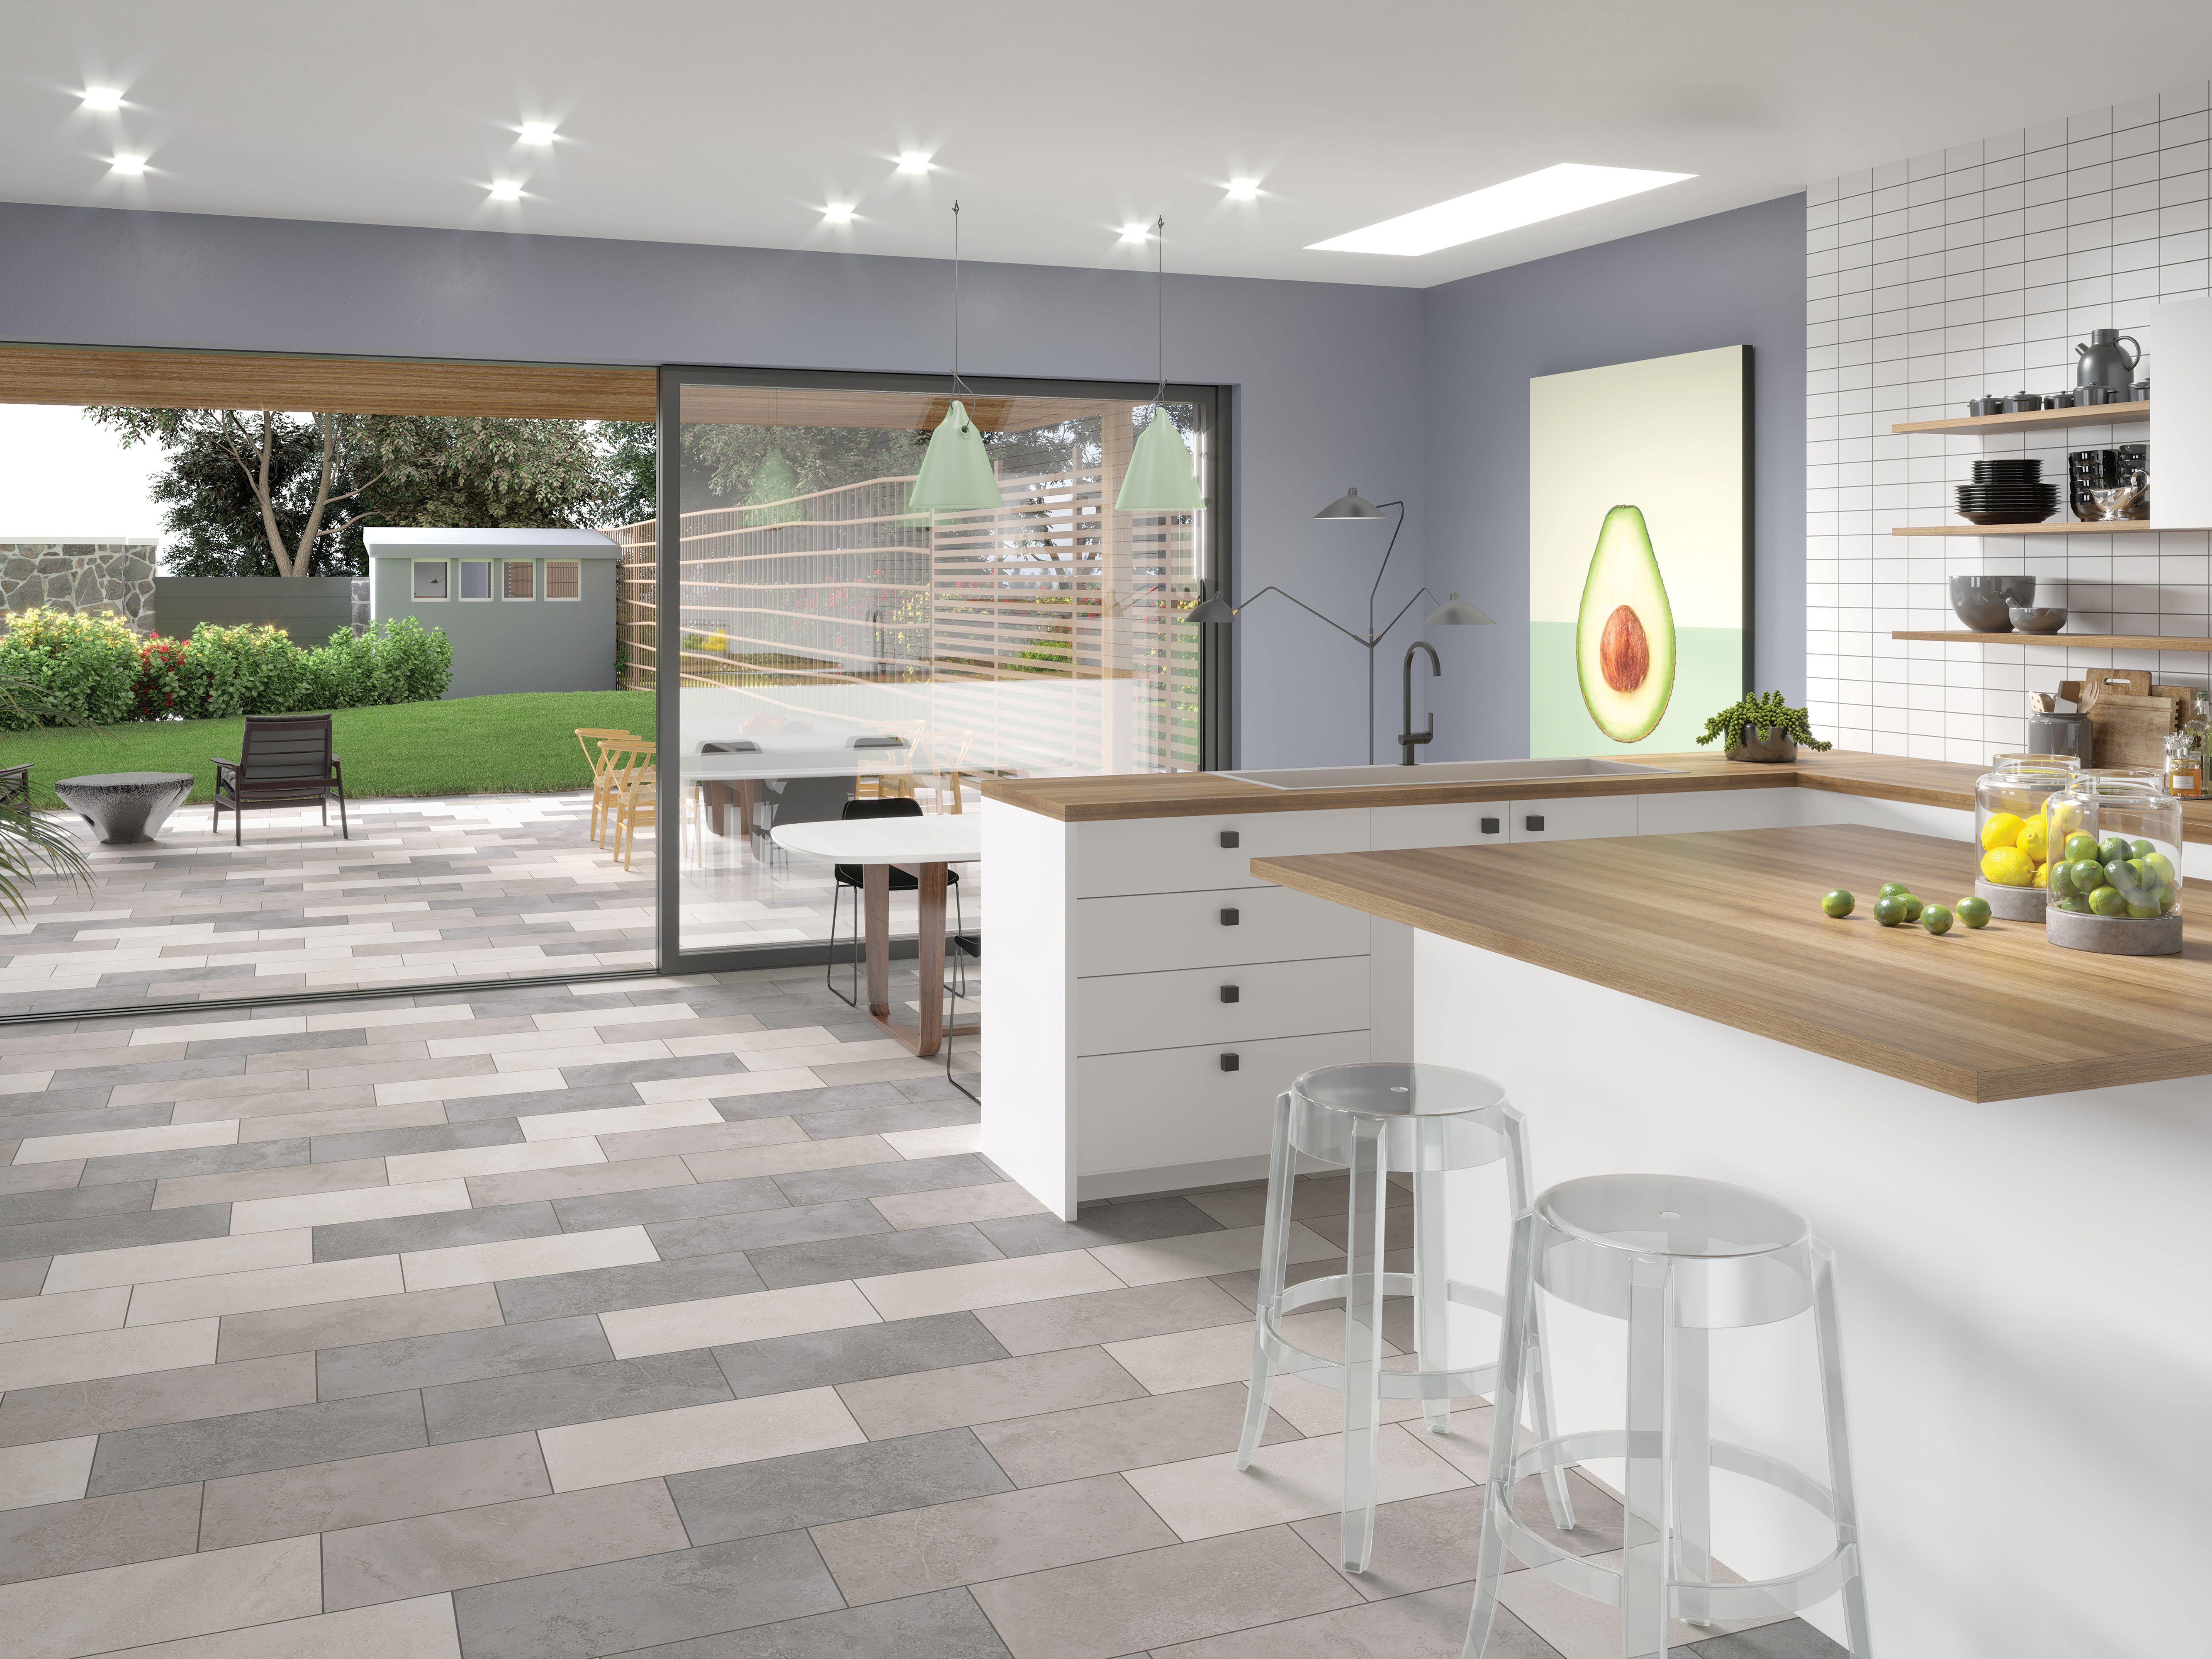 Porcelain tile flooring in an indoor-outdoor kitchen